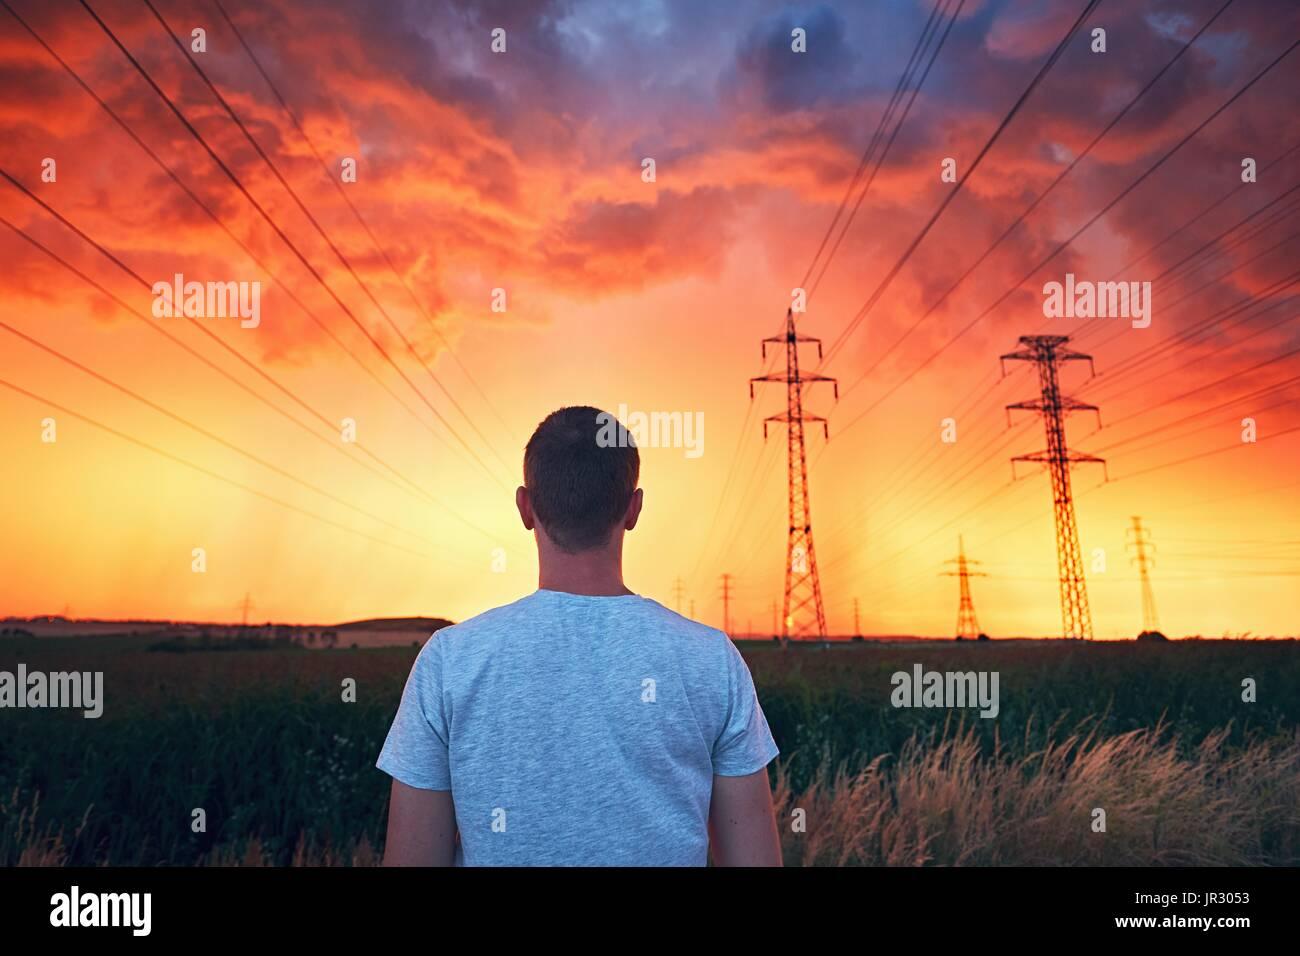 Des phénomènes météorologiques dangereux. Homme seul dans une superbe tempête durant de soleil colorés. Photo Stock